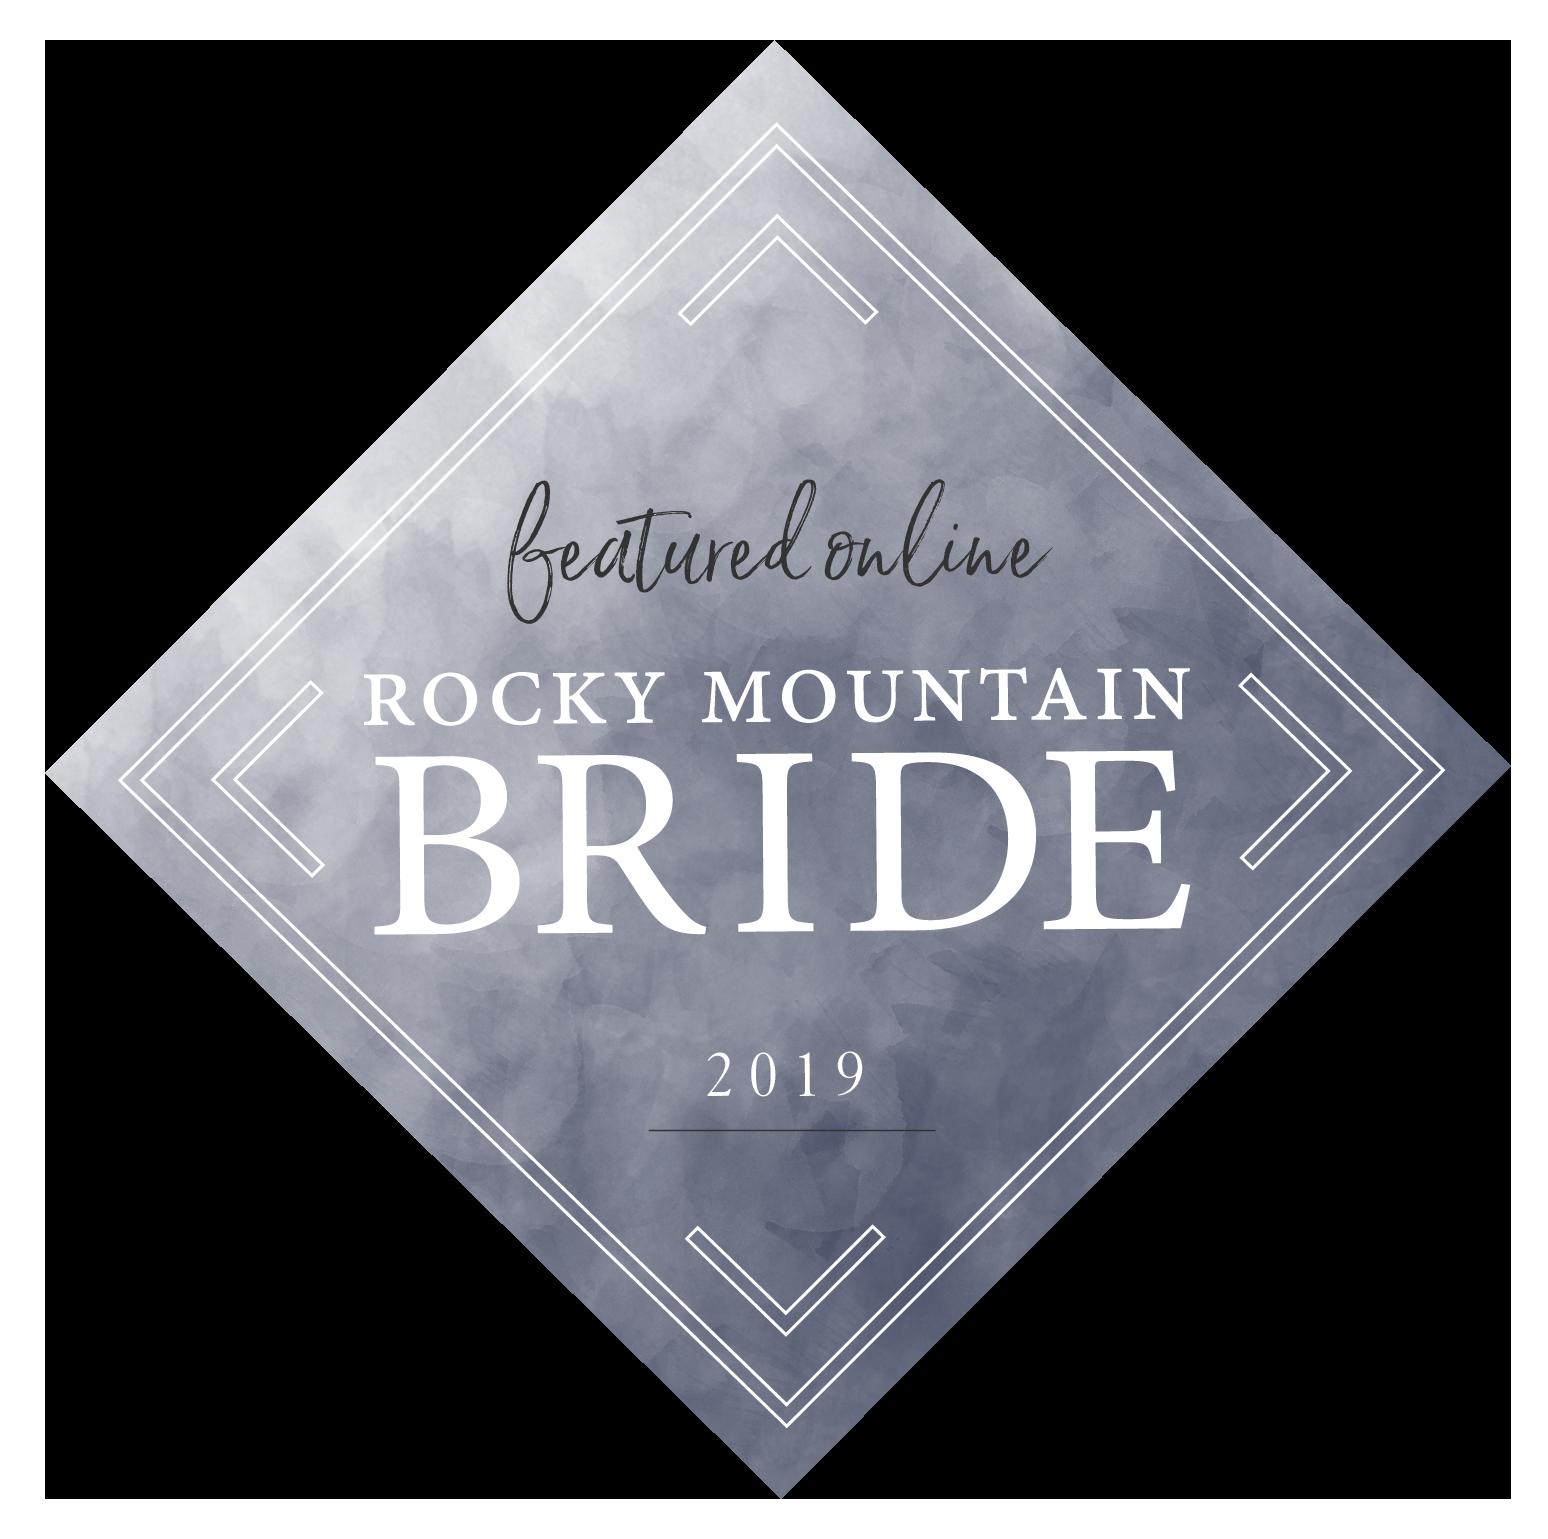 Rocky Mountain Bride 2019